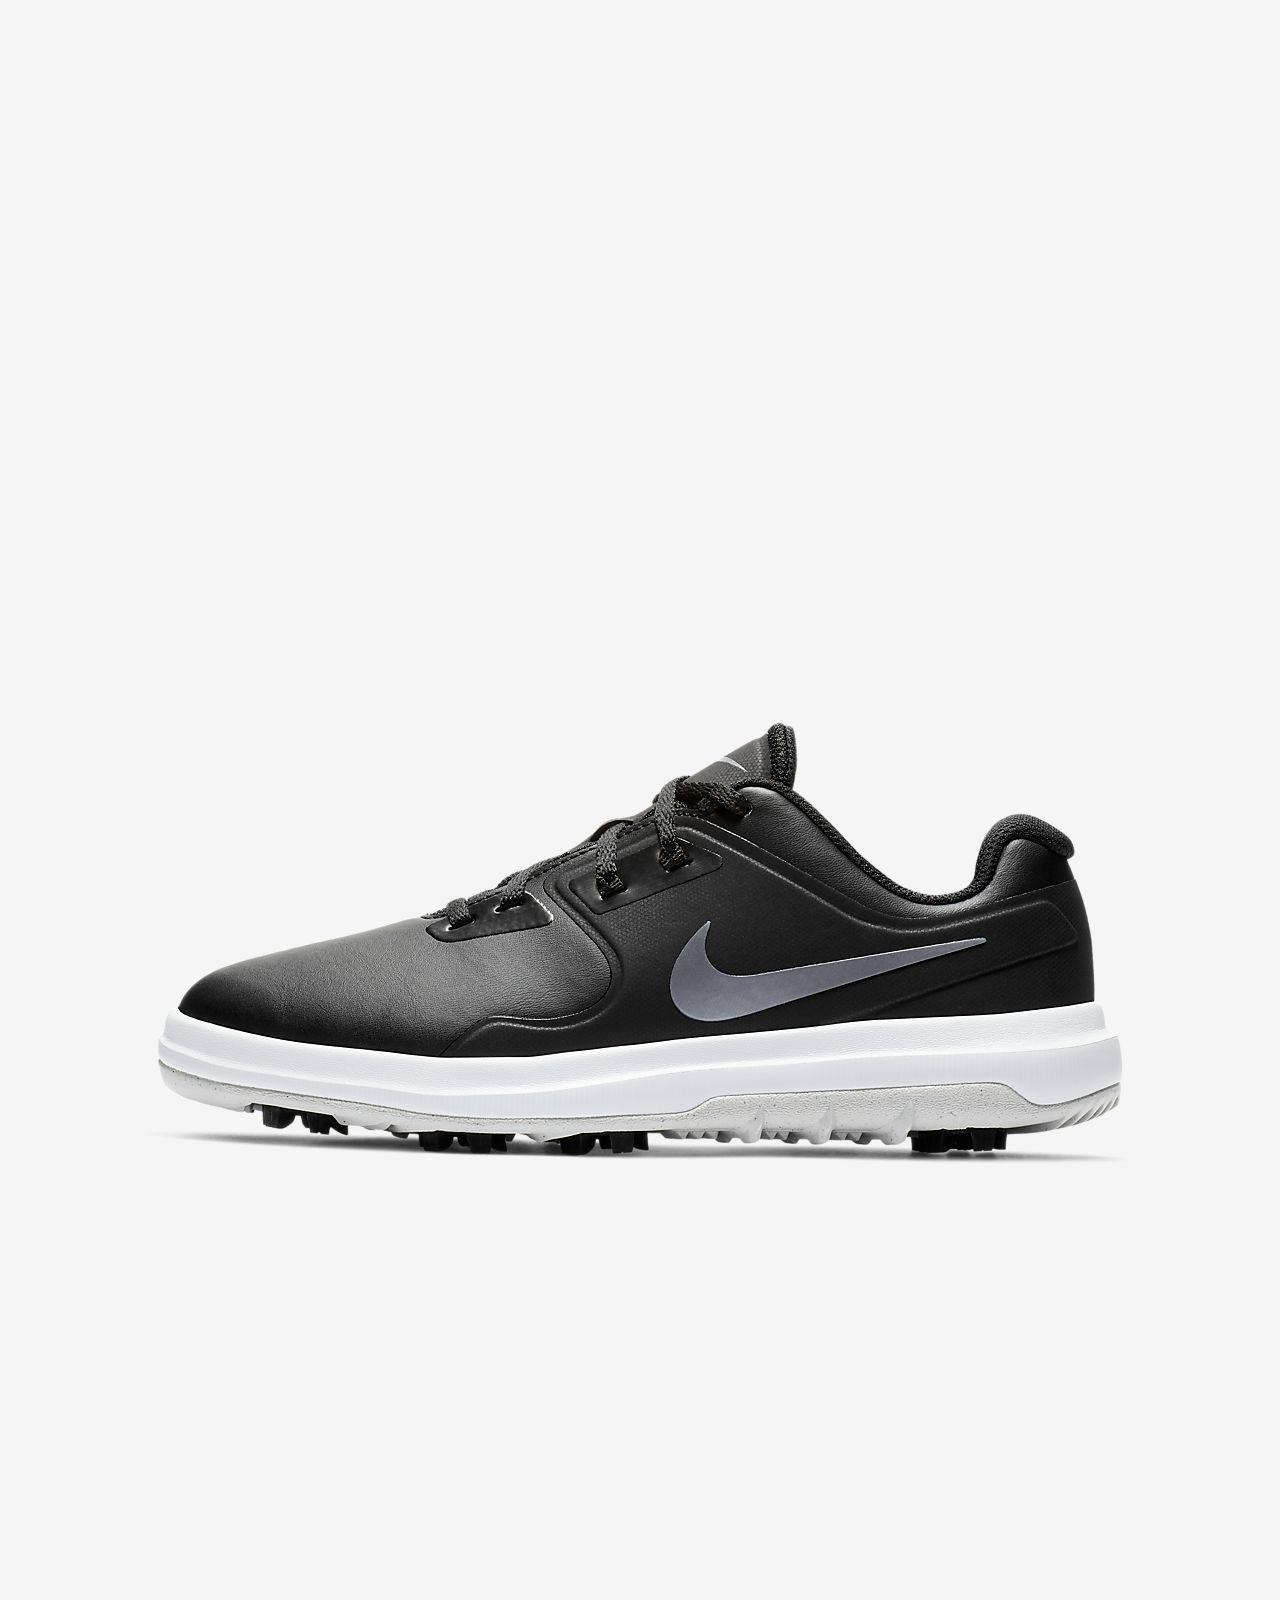 Nike Vapor Pro Jr. Younger/Older Kids' Golf Shoe